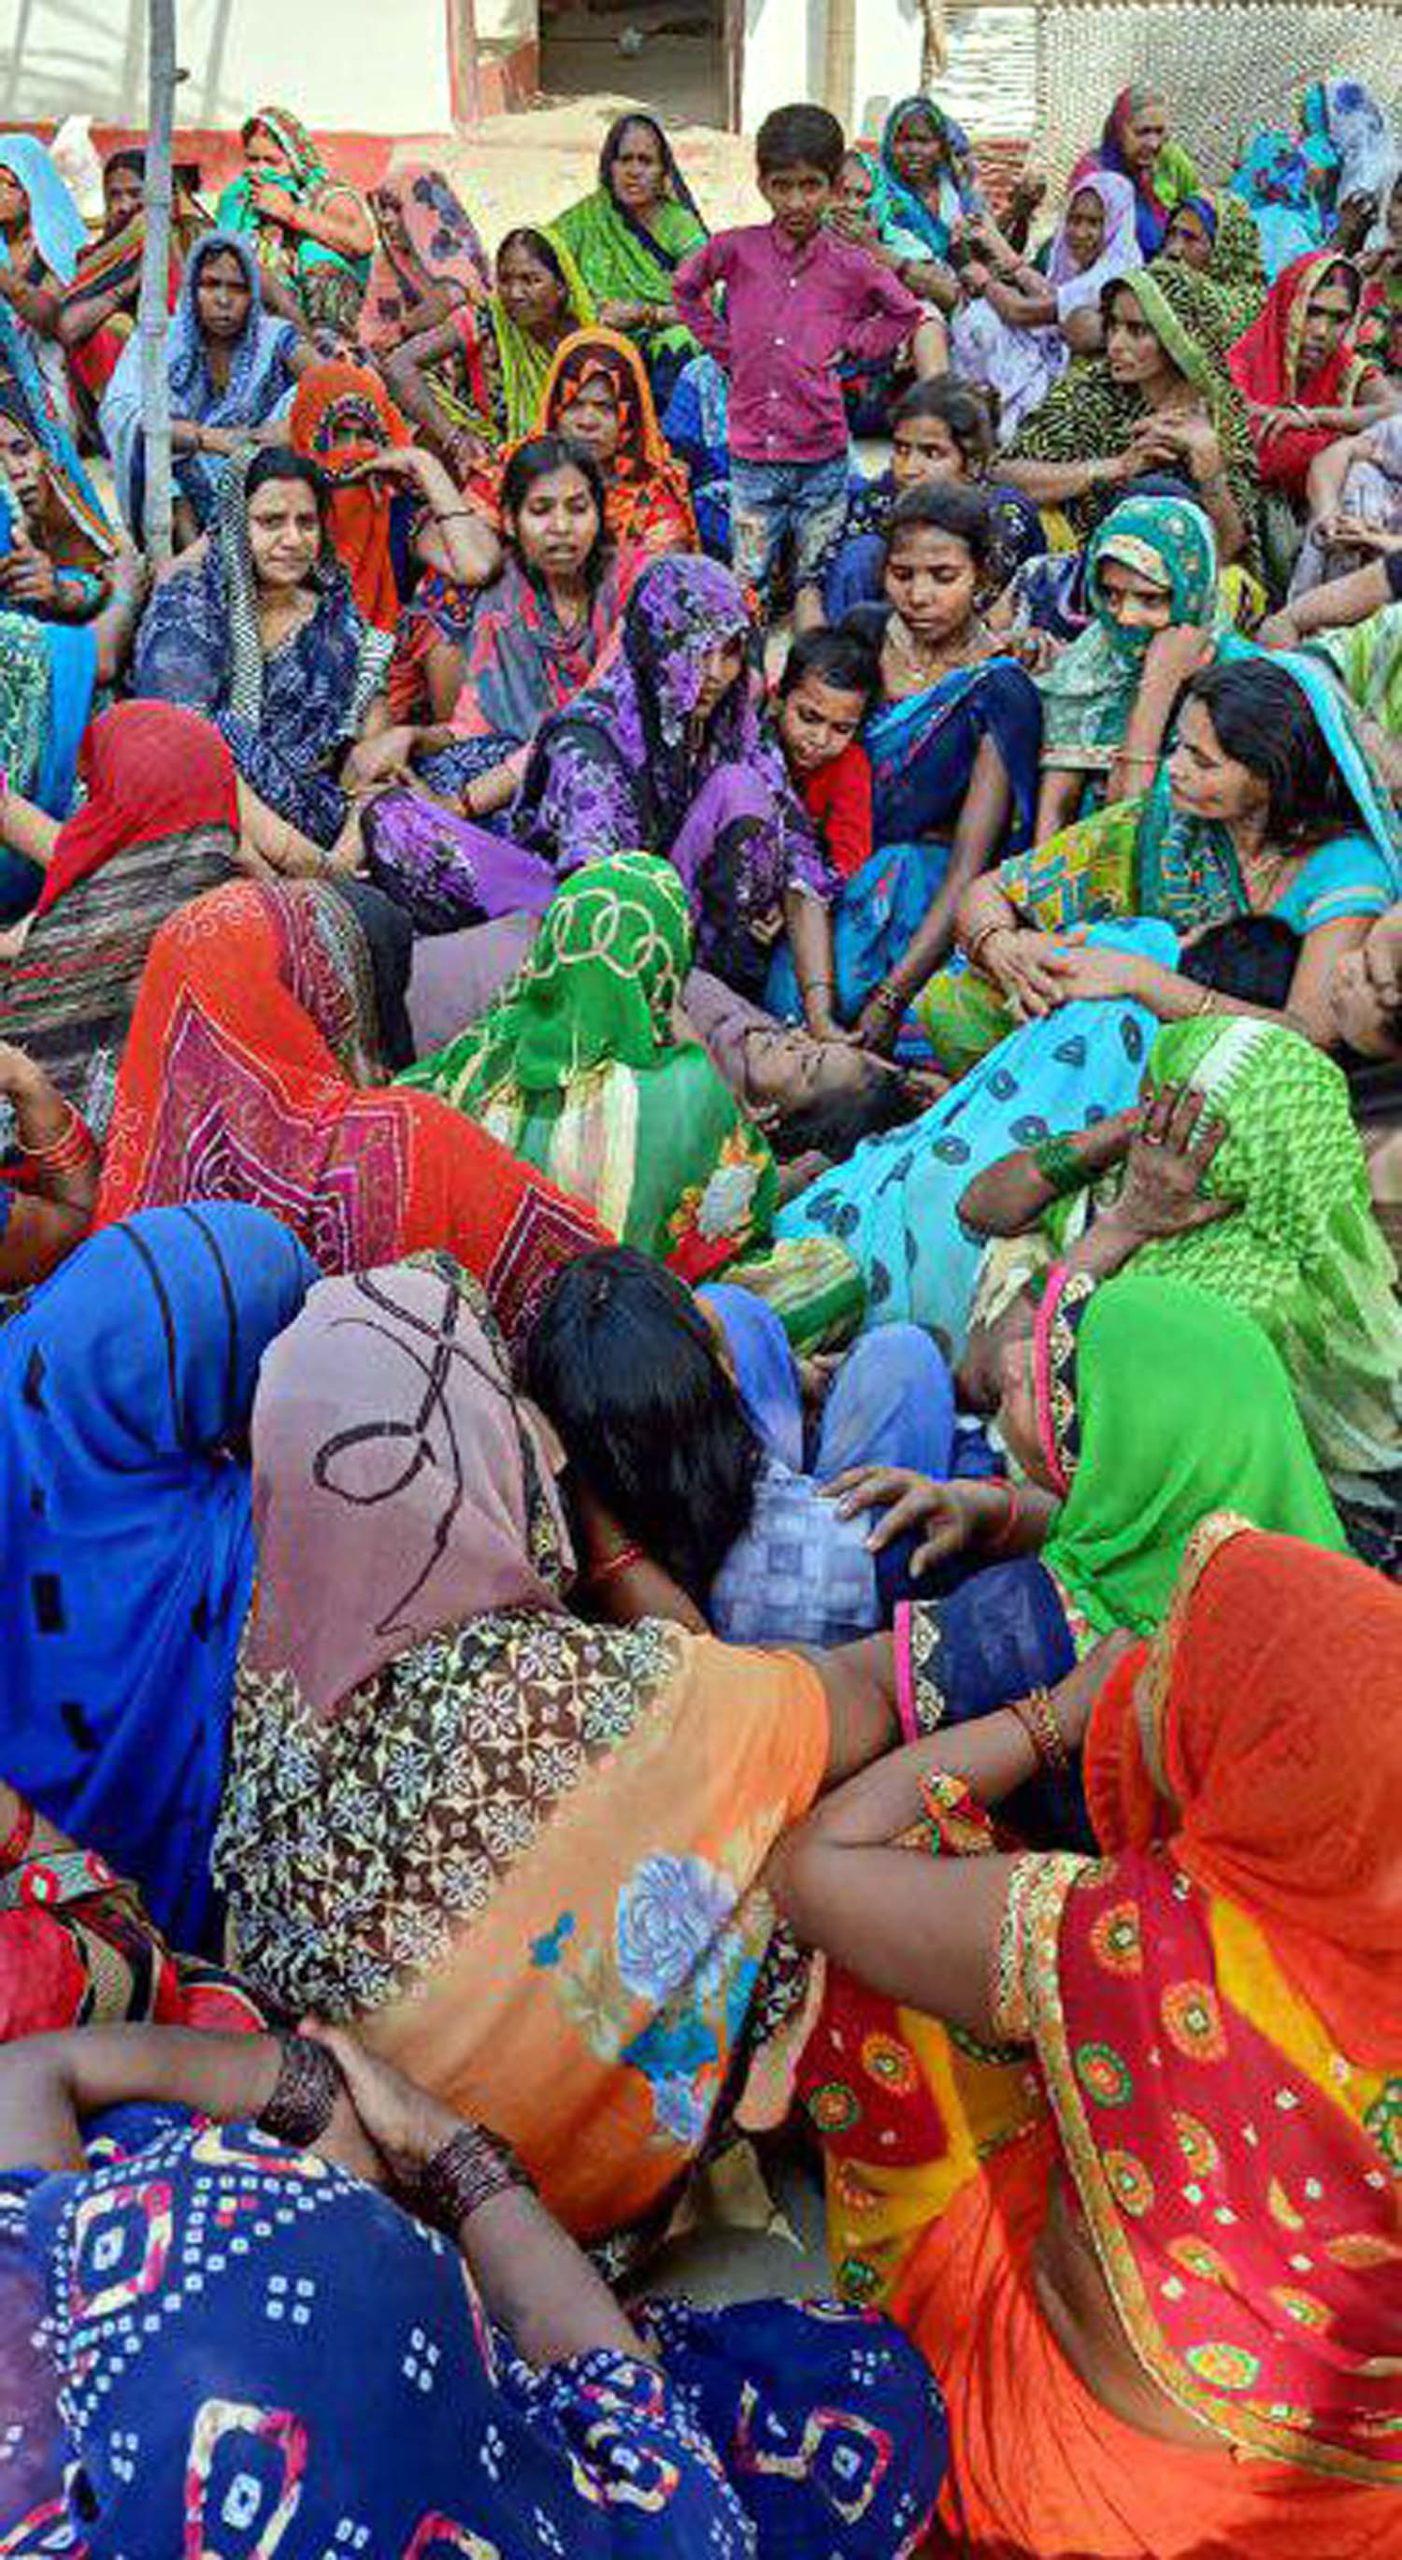 जौनपुर। खेत में पानी भरते समय विद्युत प्रवाहित तार की चपेट में आने से एक महिला की मौके पर ही मौत हो गयी।  इस मौत का कारण लोग विभागीय लापरवाही बता रहे हैं। जानकारी के अनुसार जफराबाद थाना क्षेत्र के ग्रामसभा कादीपुर पौना निवासी राम प्रसाद यादव की लगभग 42 वर्षीया पत्नी अनीता यादव गुरूवार को तड़के लगभग साढ़े 4 खेत में पानी भरने चली गयी। इस दौरान खेत के ऊपर से गये विद्युत प्रवाहित तार की चपेट में आने से उसकी मौके पर ही दर्दनाक मौत हो गयी। हालांकि जानकारी होने पर पहुंचे परिजन चिकित्सक के पास ले गये जहां मृत घोषित कर दिया गया। मृतका का अंतिम संस्कार नगर से सटे राम घाट पर हुआ जहां उपस्थित लोगों ने कहा कि यह विद्युत तार लगभग 55 वर्ष पुराना है जो काफी जर्जर हो चुका है। बार-बार शिकायत करने के बाद भी विभागीय अधिकारियों व कर्मचारियों के कान पर जूं तक नहीं रेंगा। विभागीय लापरवाही के चलते आये दिन होने वाली दुर्घटनाओं की कड़ी में आज यह हादसा भी हो गया। इसको लेकर लोगों में काफी आक्रोश व्याप्त है।